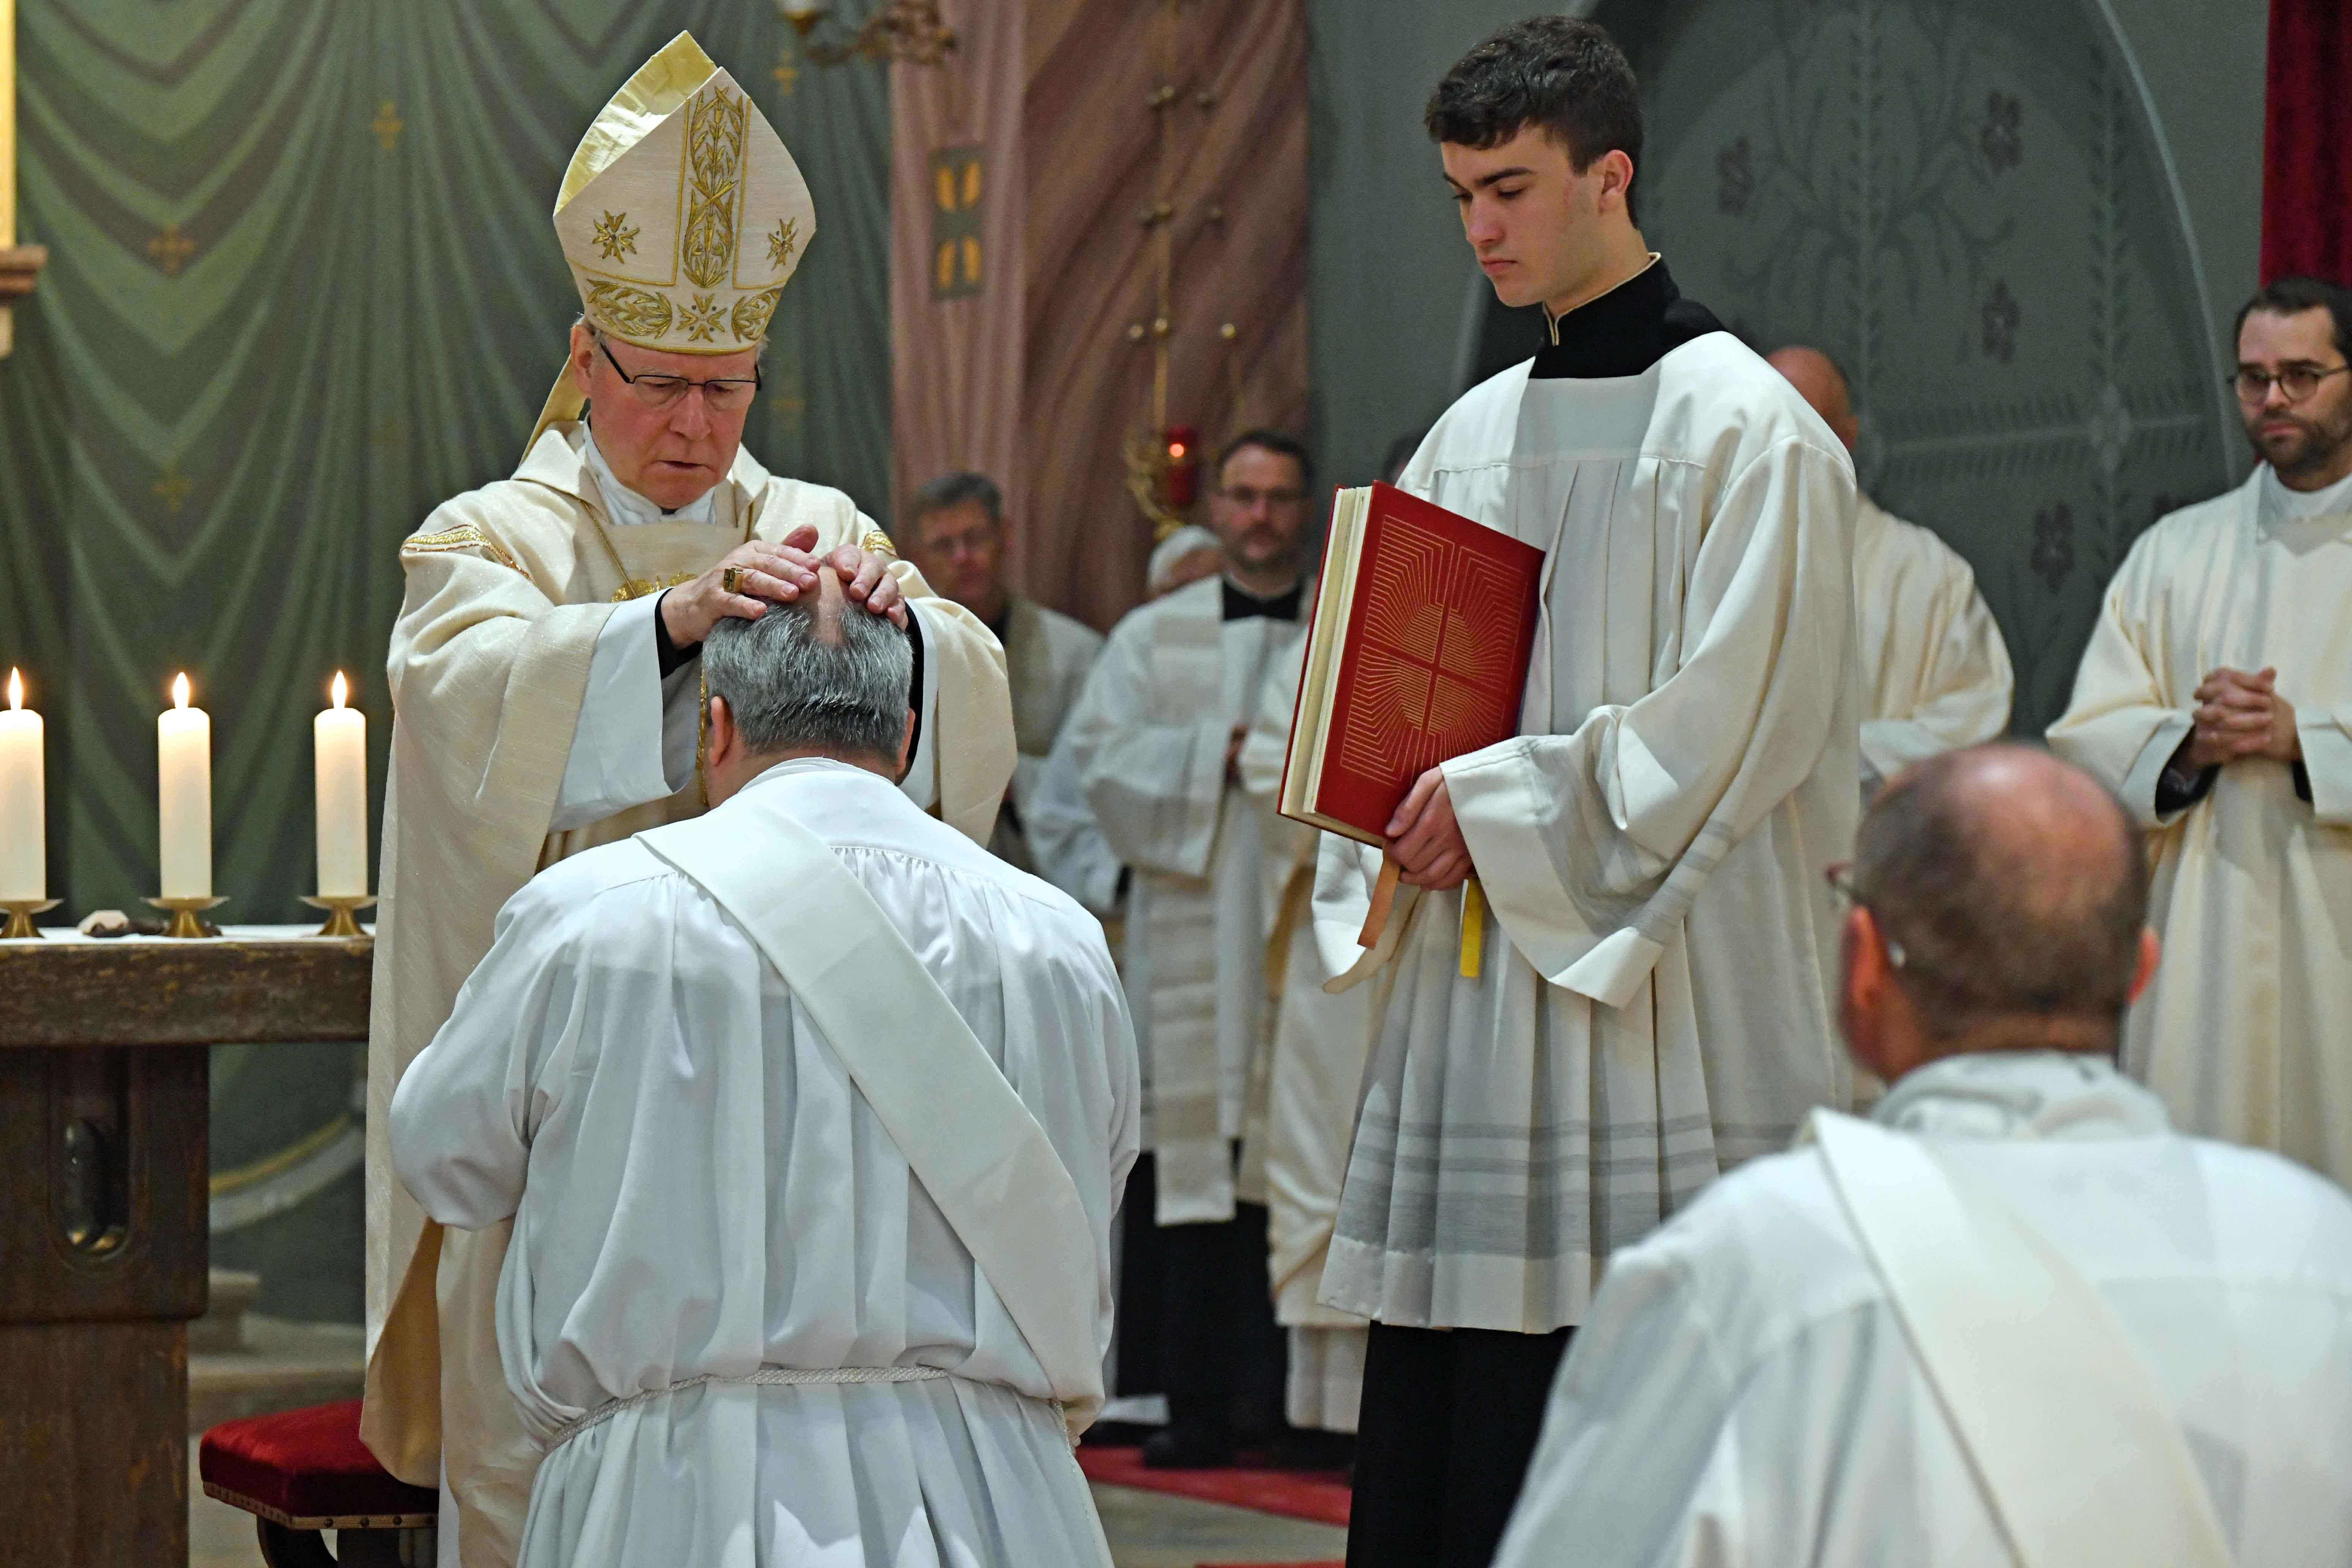 Durch Handauflegung und Gebet weihte Bischof Kornad die beiden Diakone zu Priestern. (Fotos: Nicolas Schnall / pba)